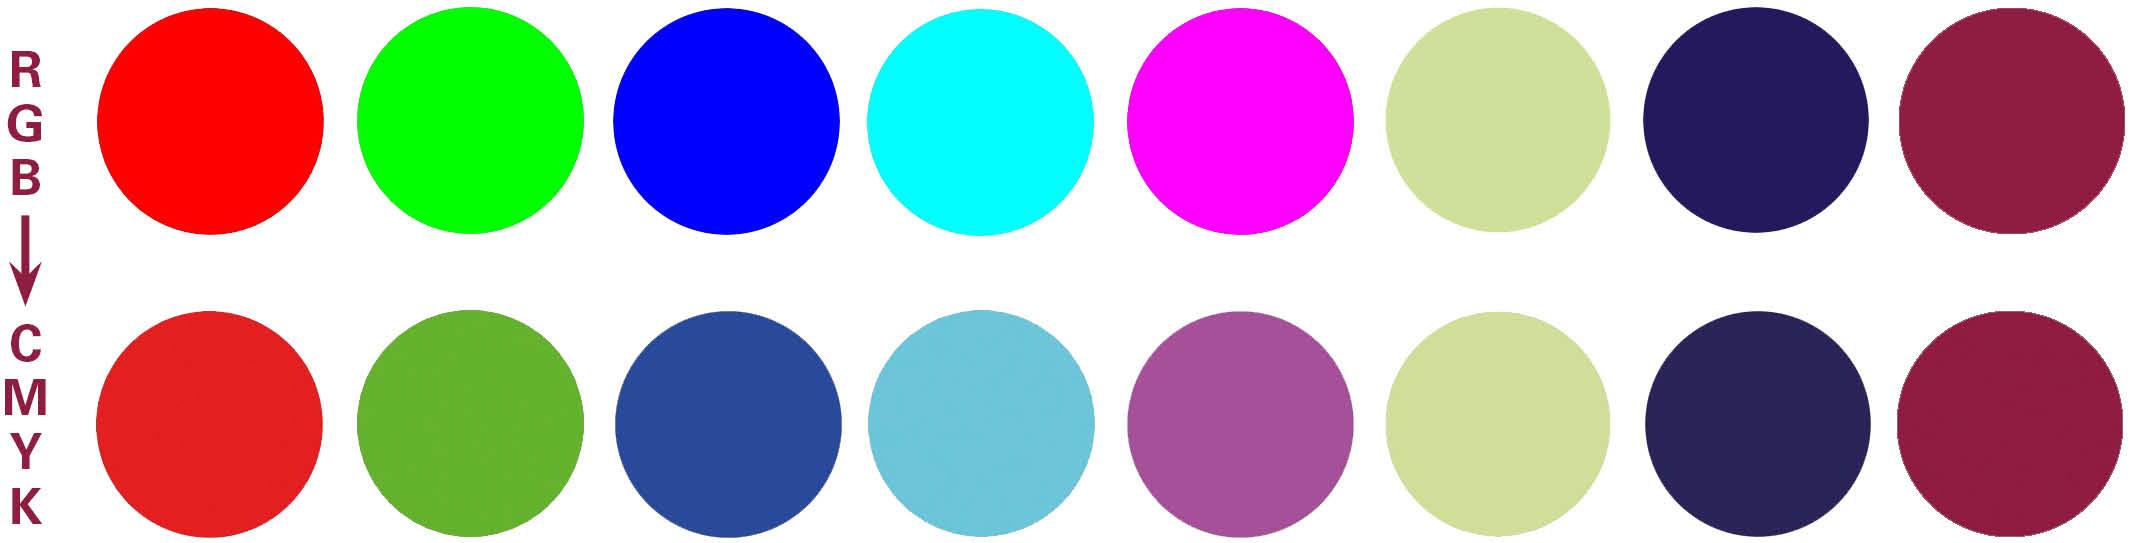 Voorbeelden van omzetting van RGB naar CMYK